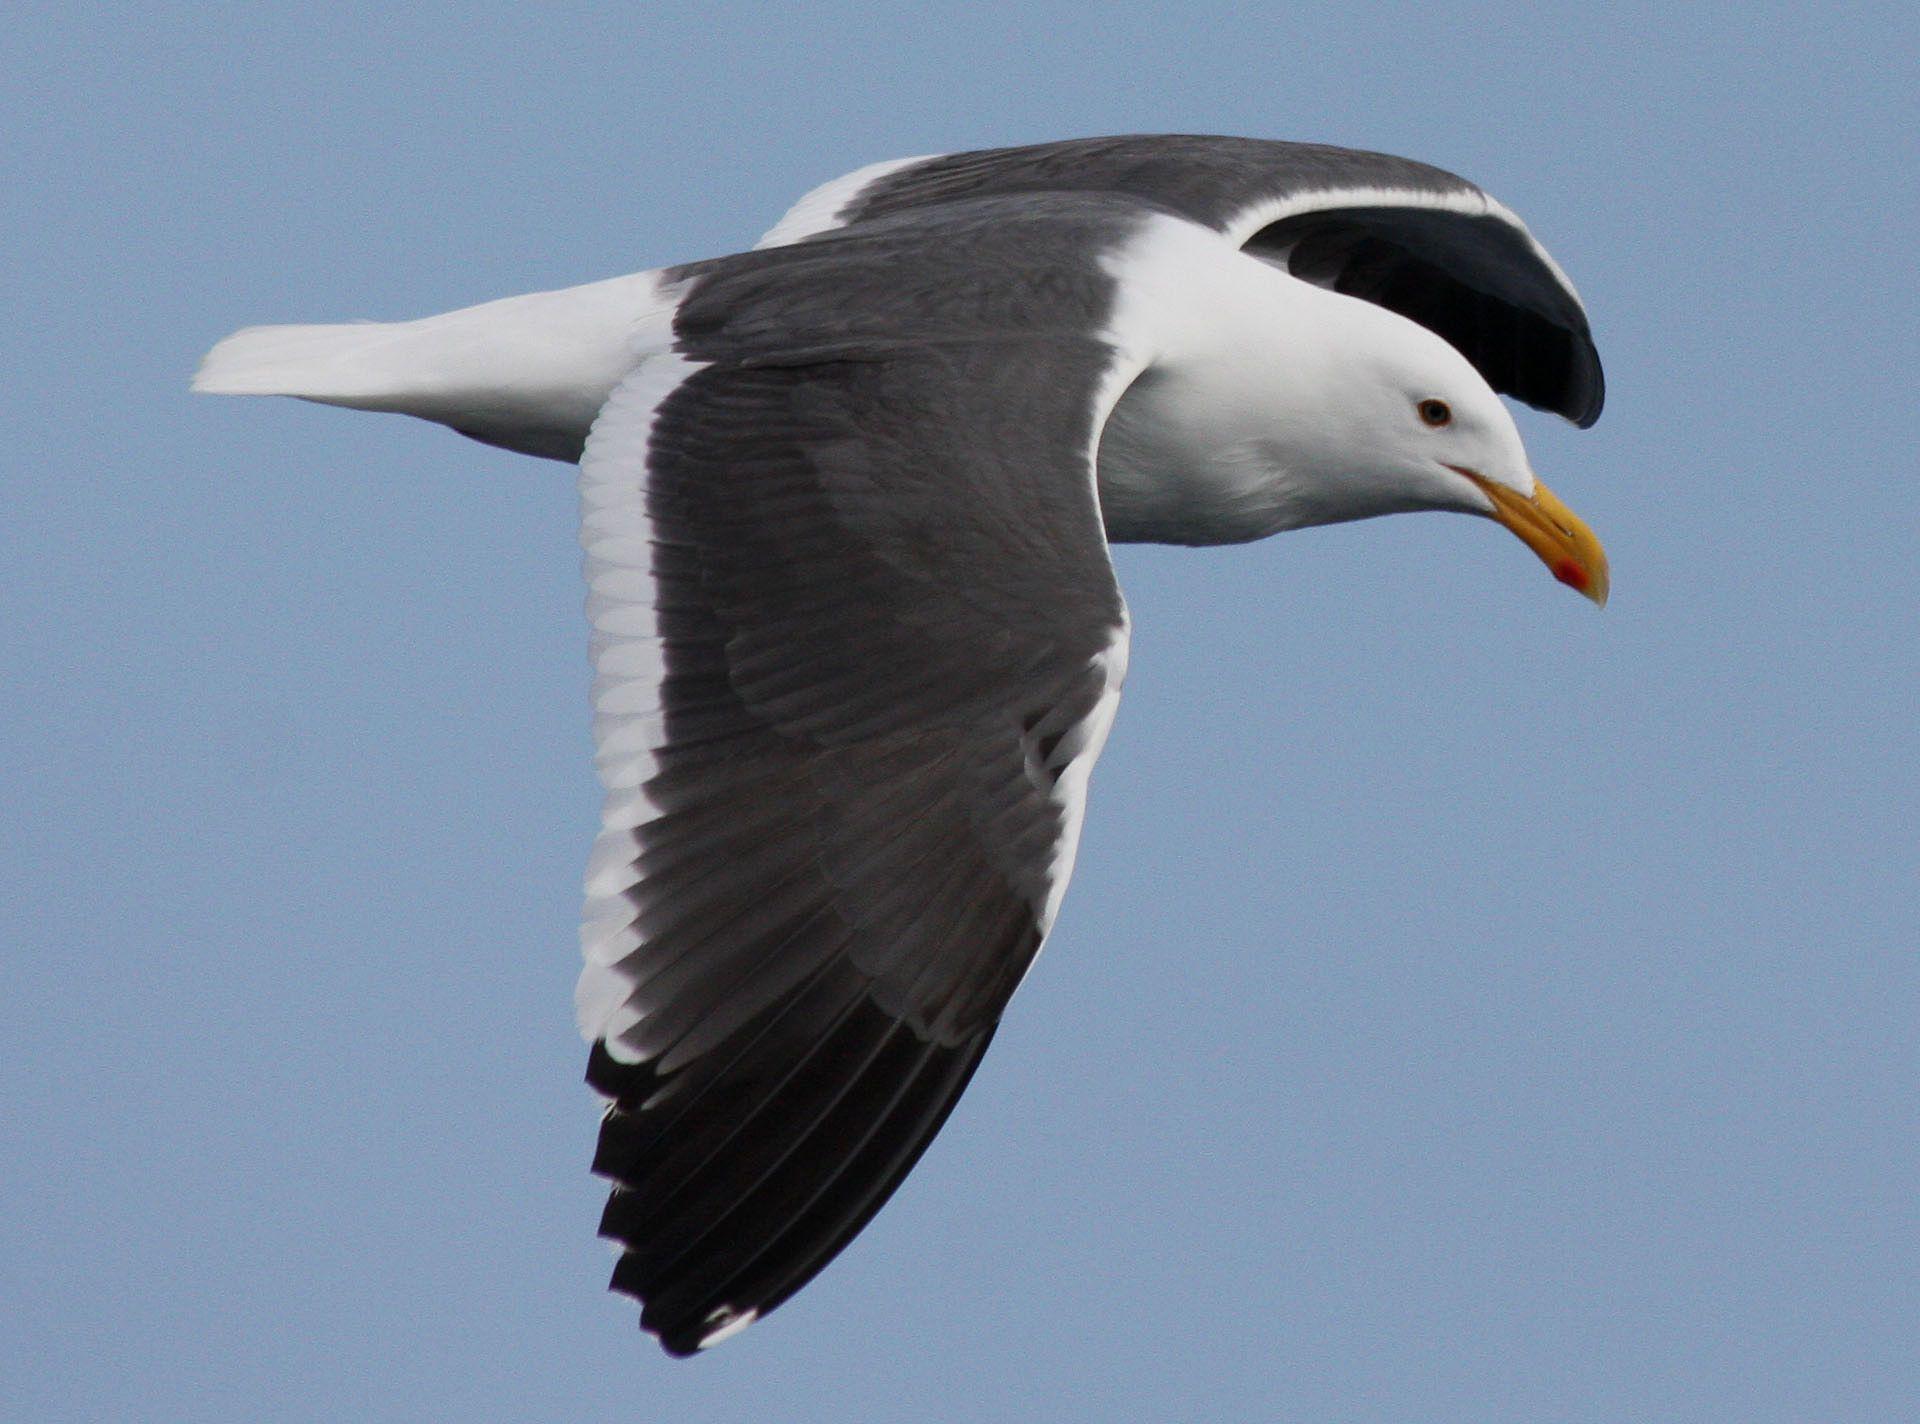 Western Gull, Larus occidentalis | bird skeletons | Pinterest | Gull ...